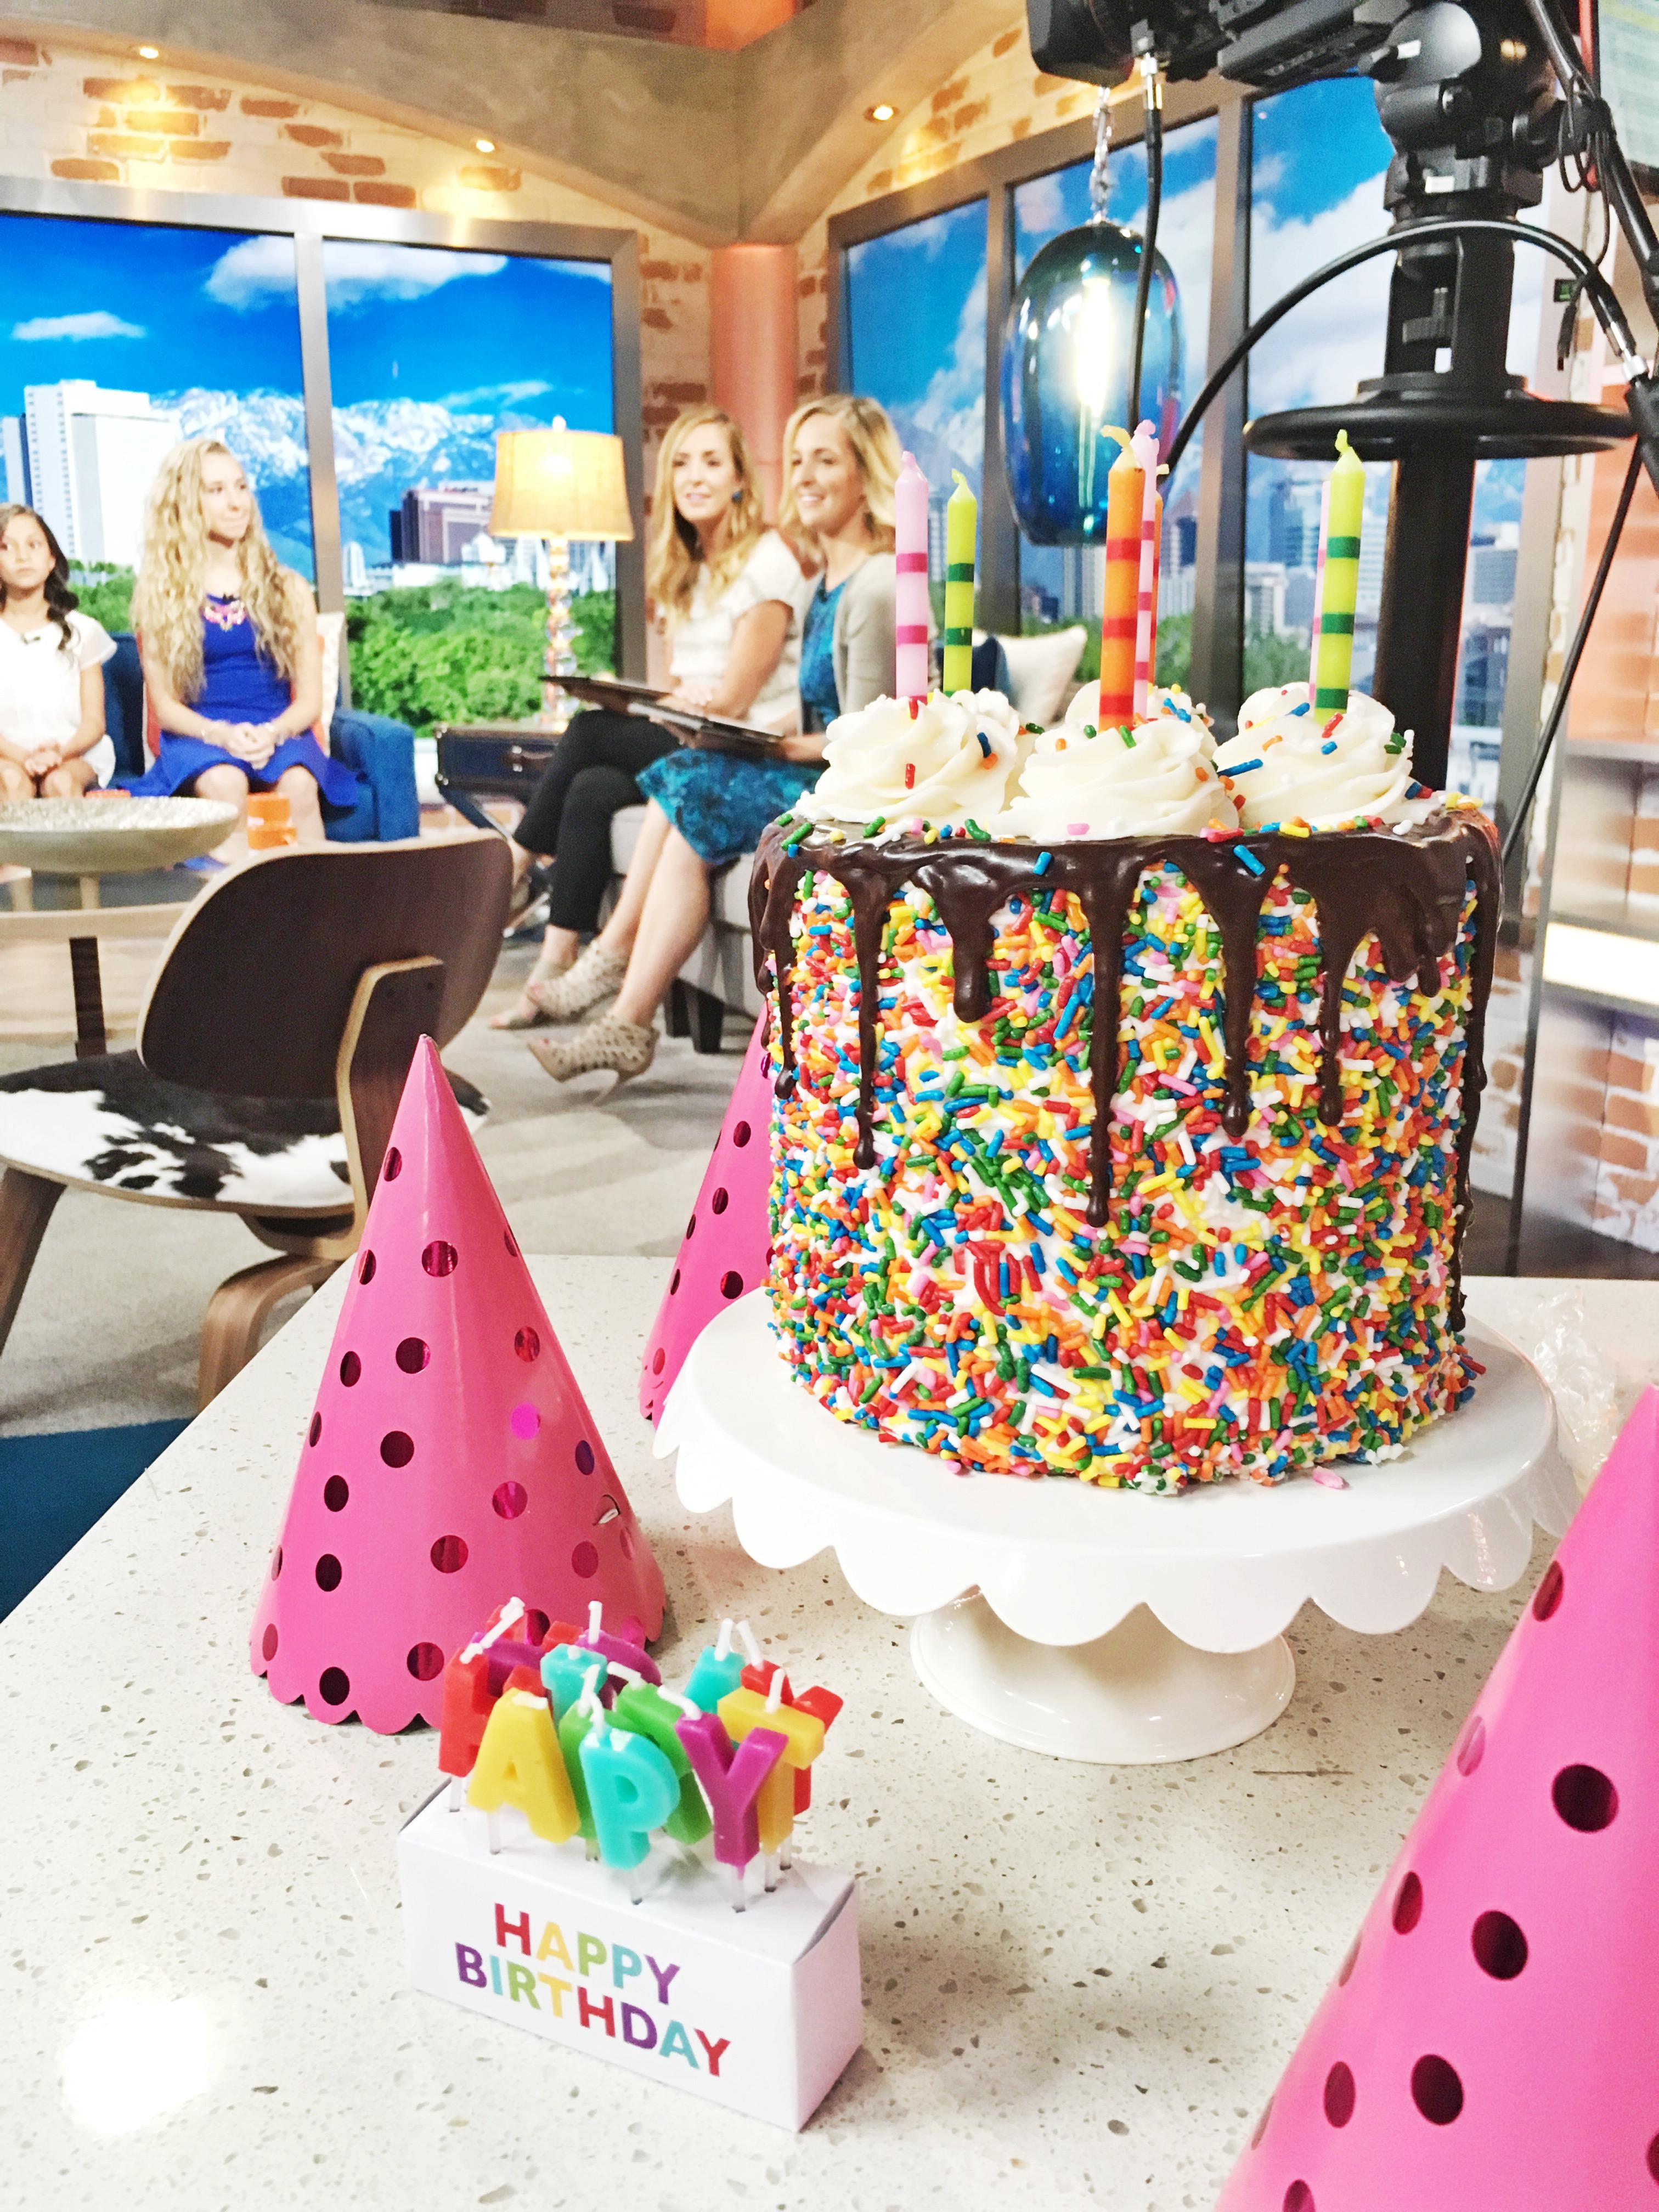 cake by courntey x albion fit www.cakebycourtney.com